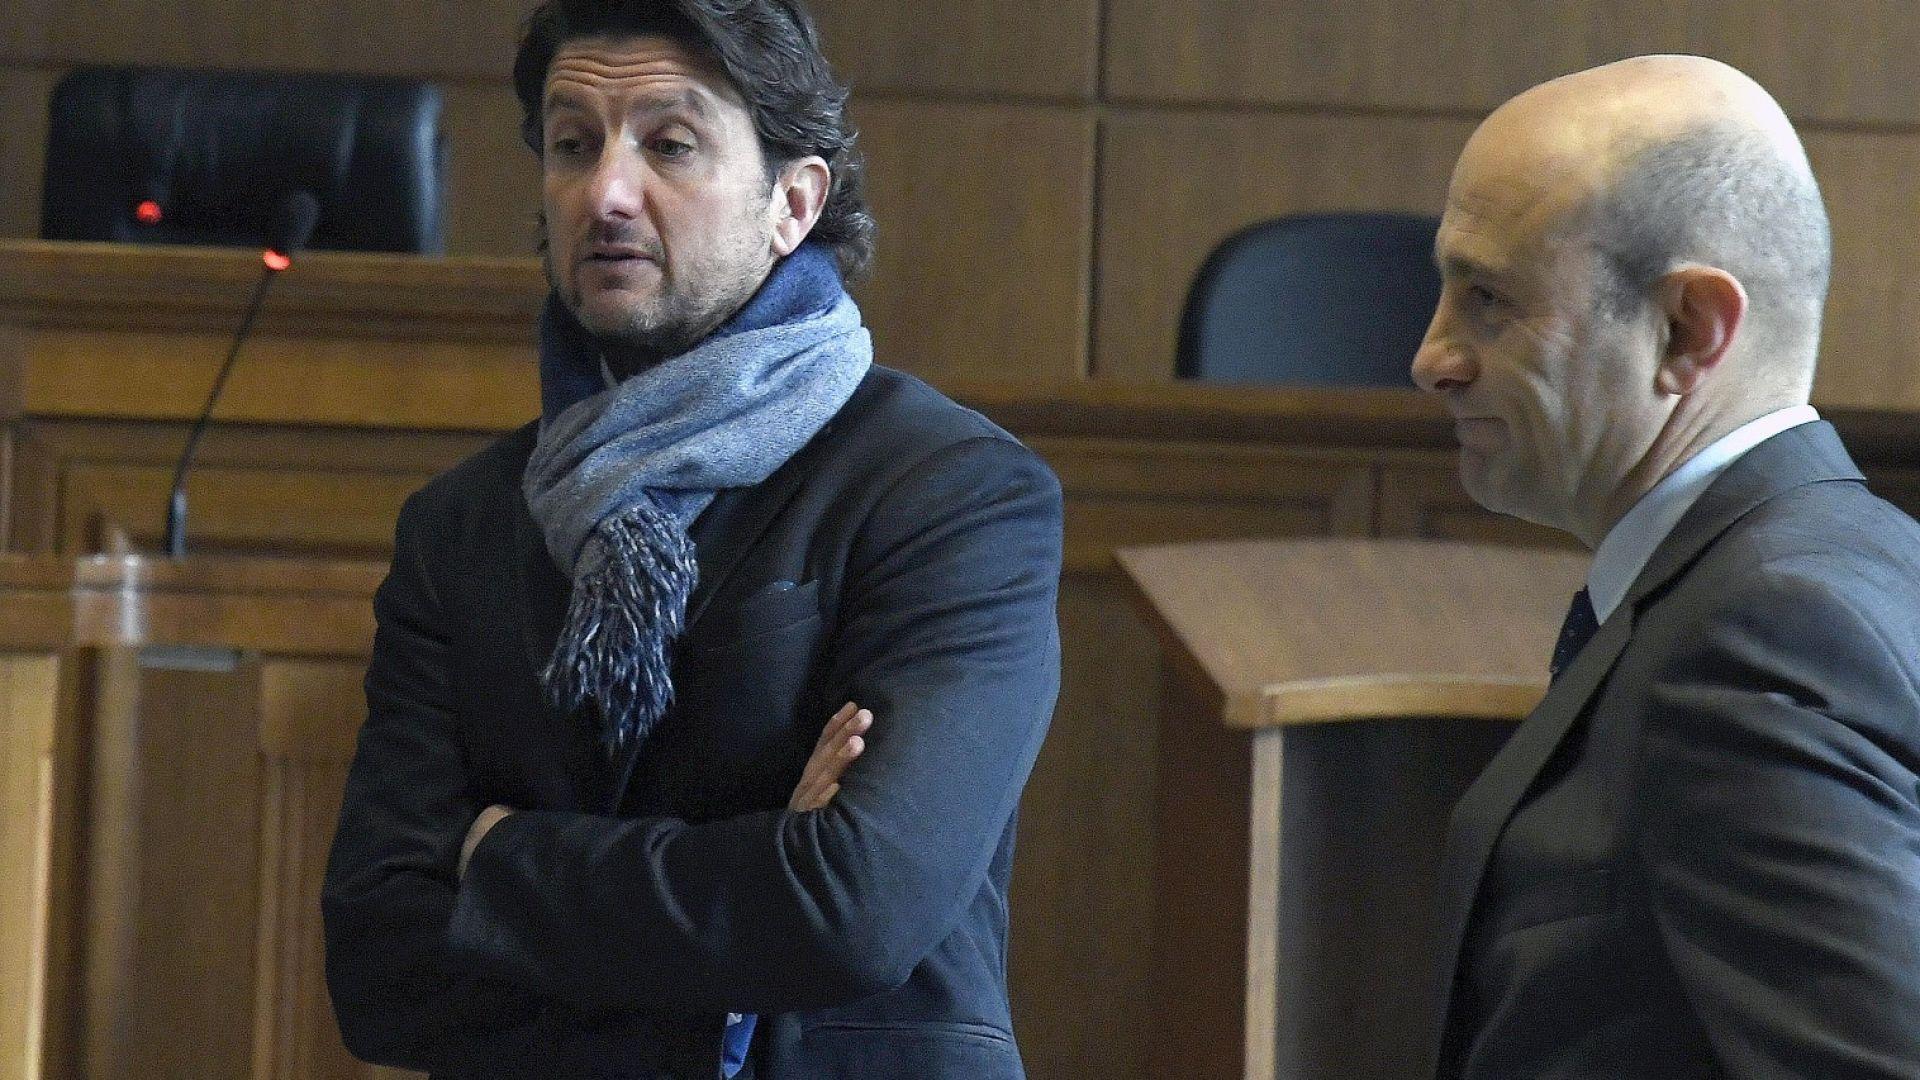 Свидетели по делото Боршош разказват как са харчени пари на НДК